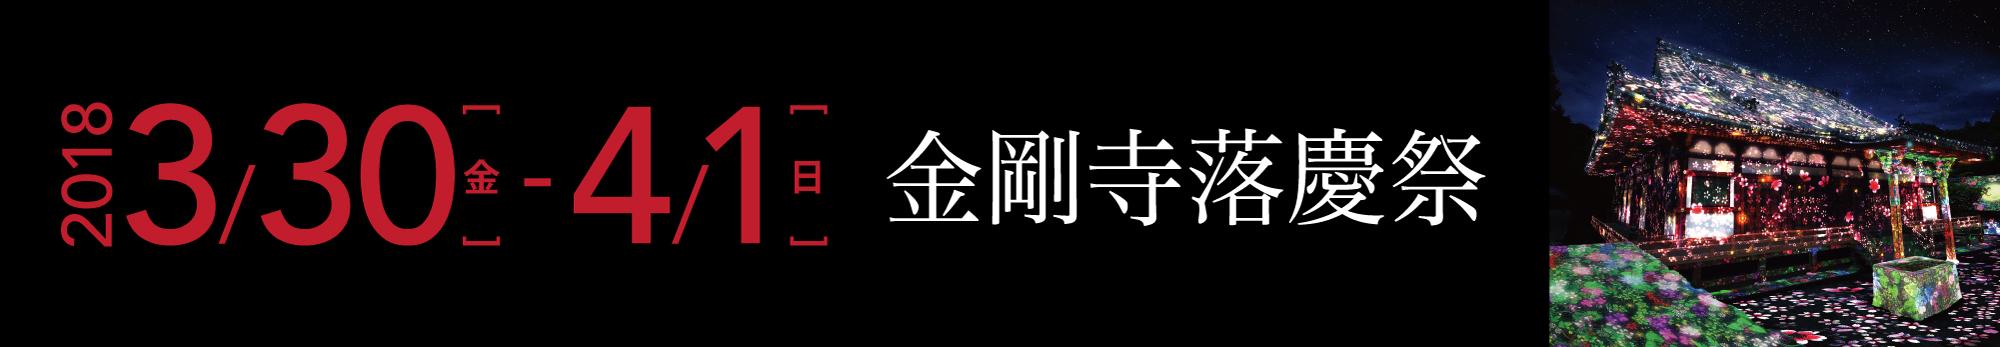 2018/3/30(金)〜4/1(日)金剛寺落慶祭